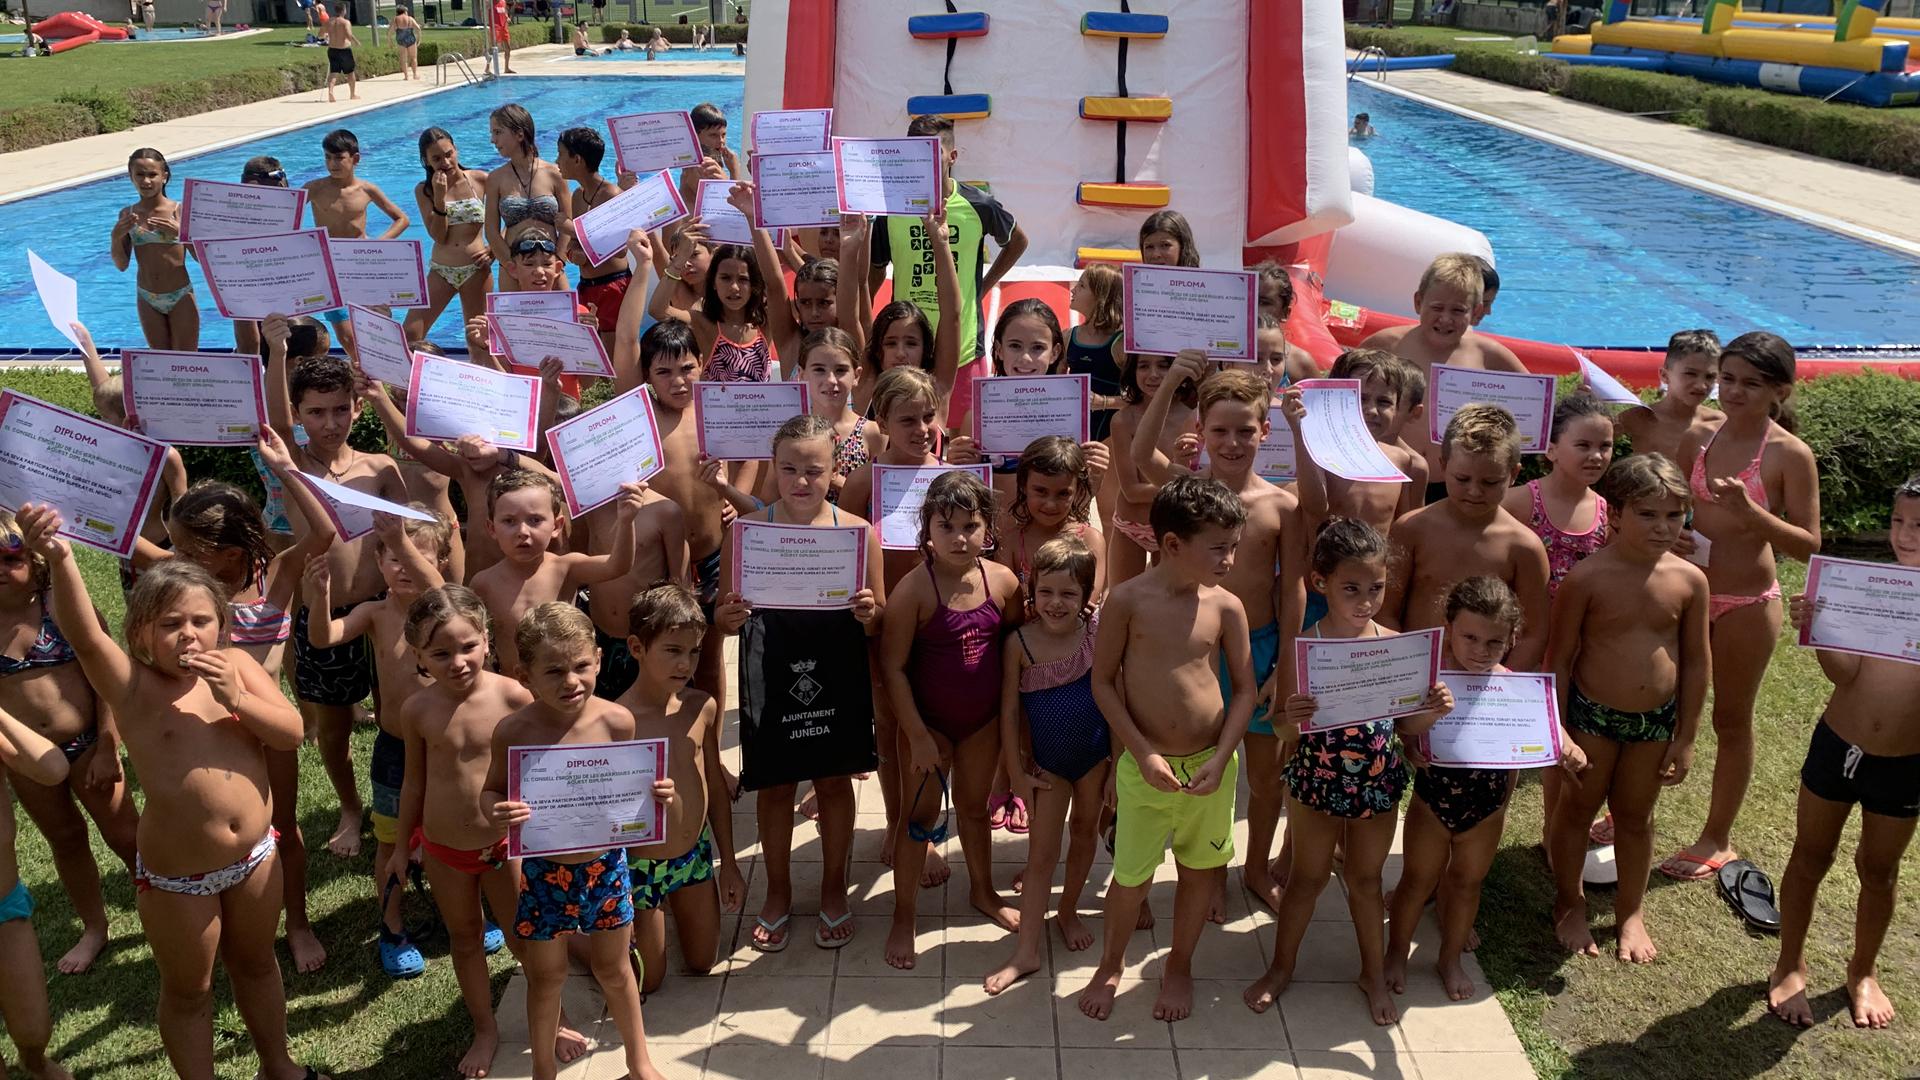 Cloenda dels cursets de natació a Juneda i altres activitat dins dels preludis de la Festa Major